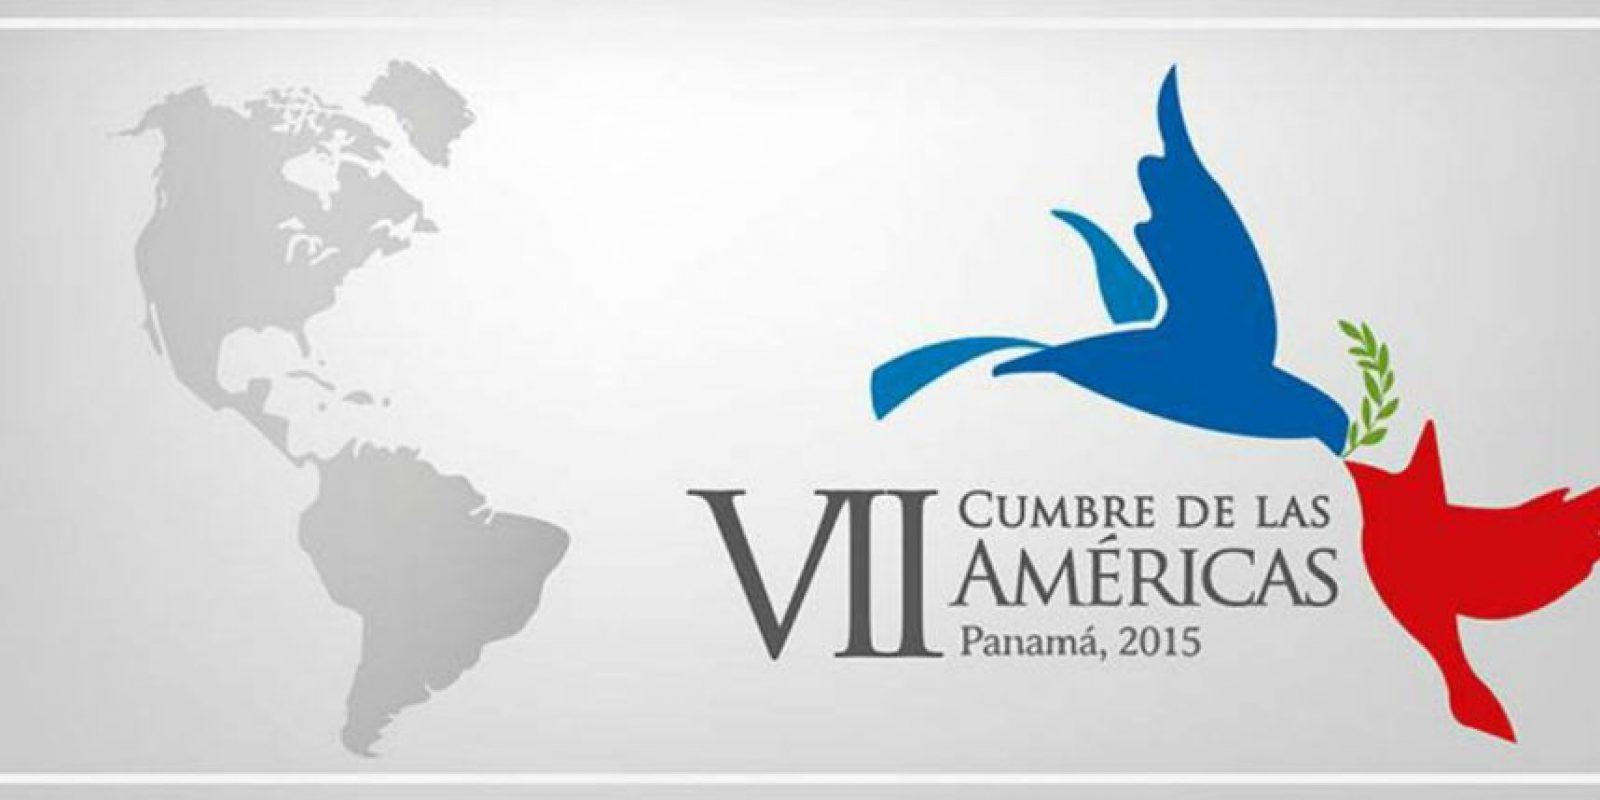 La VII Cumbre de las Américas se realiza en Panamá. Foto:facebook.com/CELAC2015